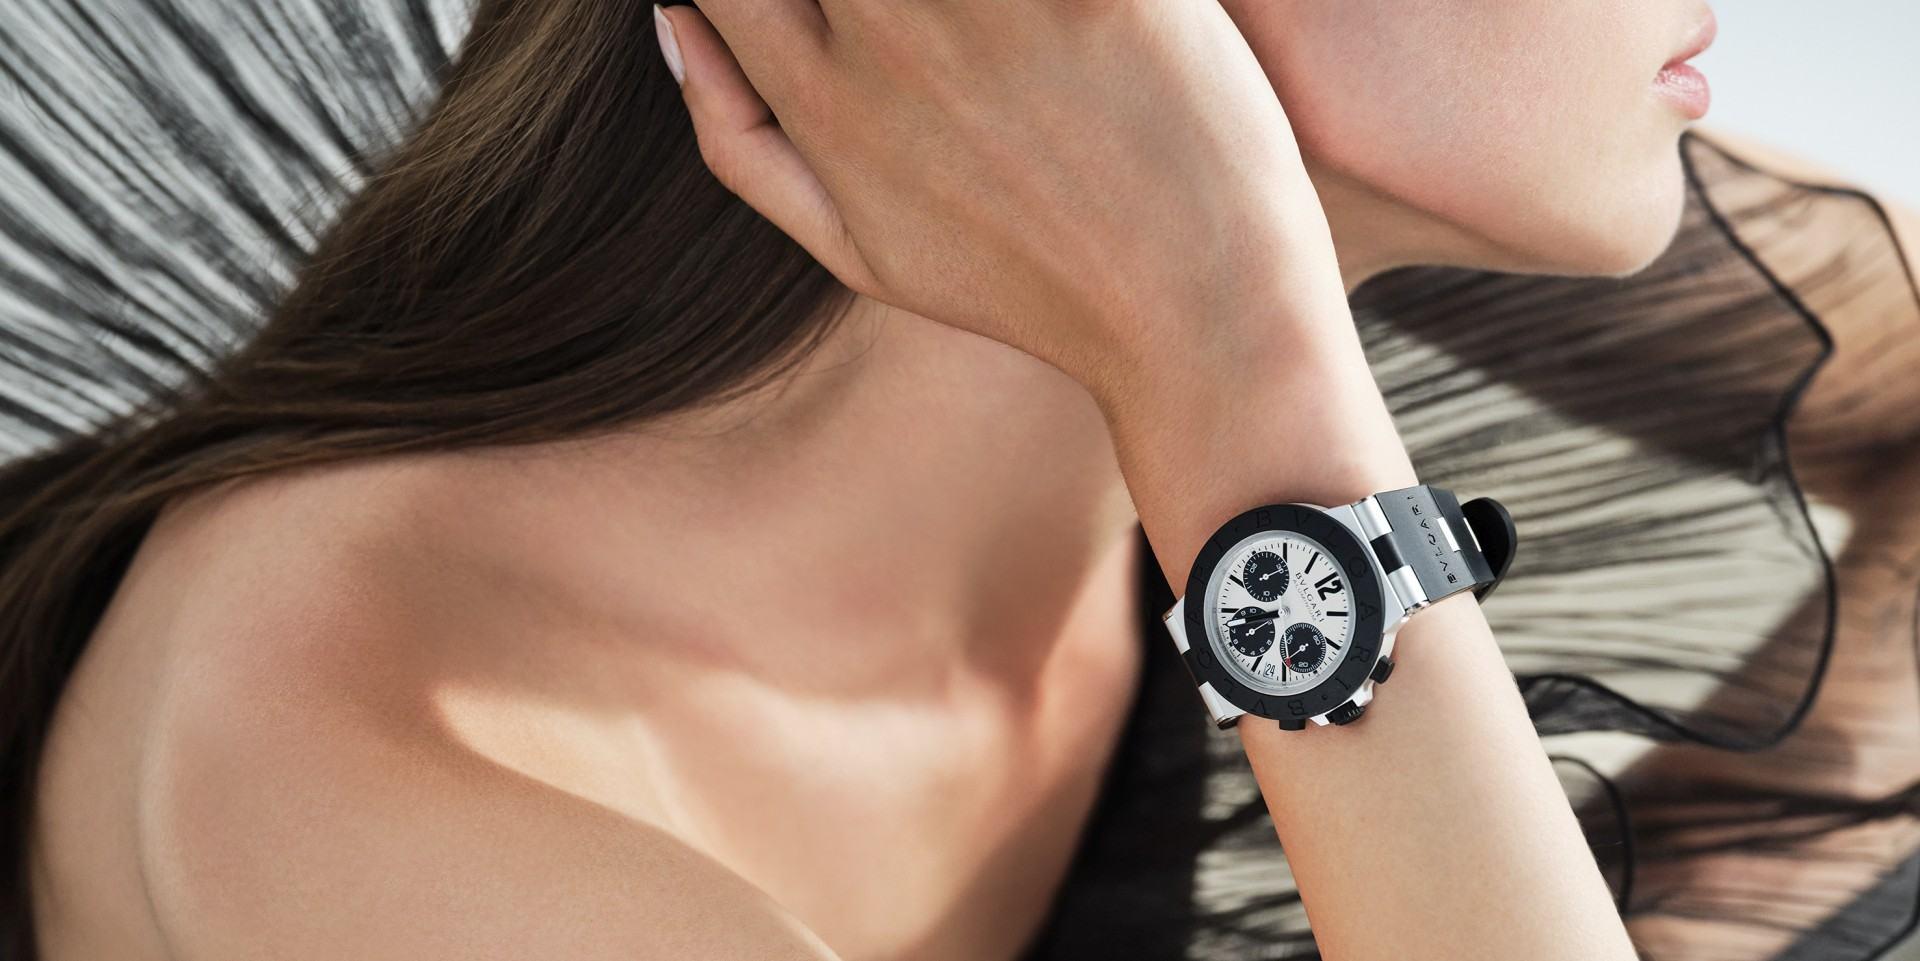 寶格麗連六年獲日內瓦鐘錶大賞肯定,Aluminium計時腕錶榮獲2020年GPHG經典腕錶獎座